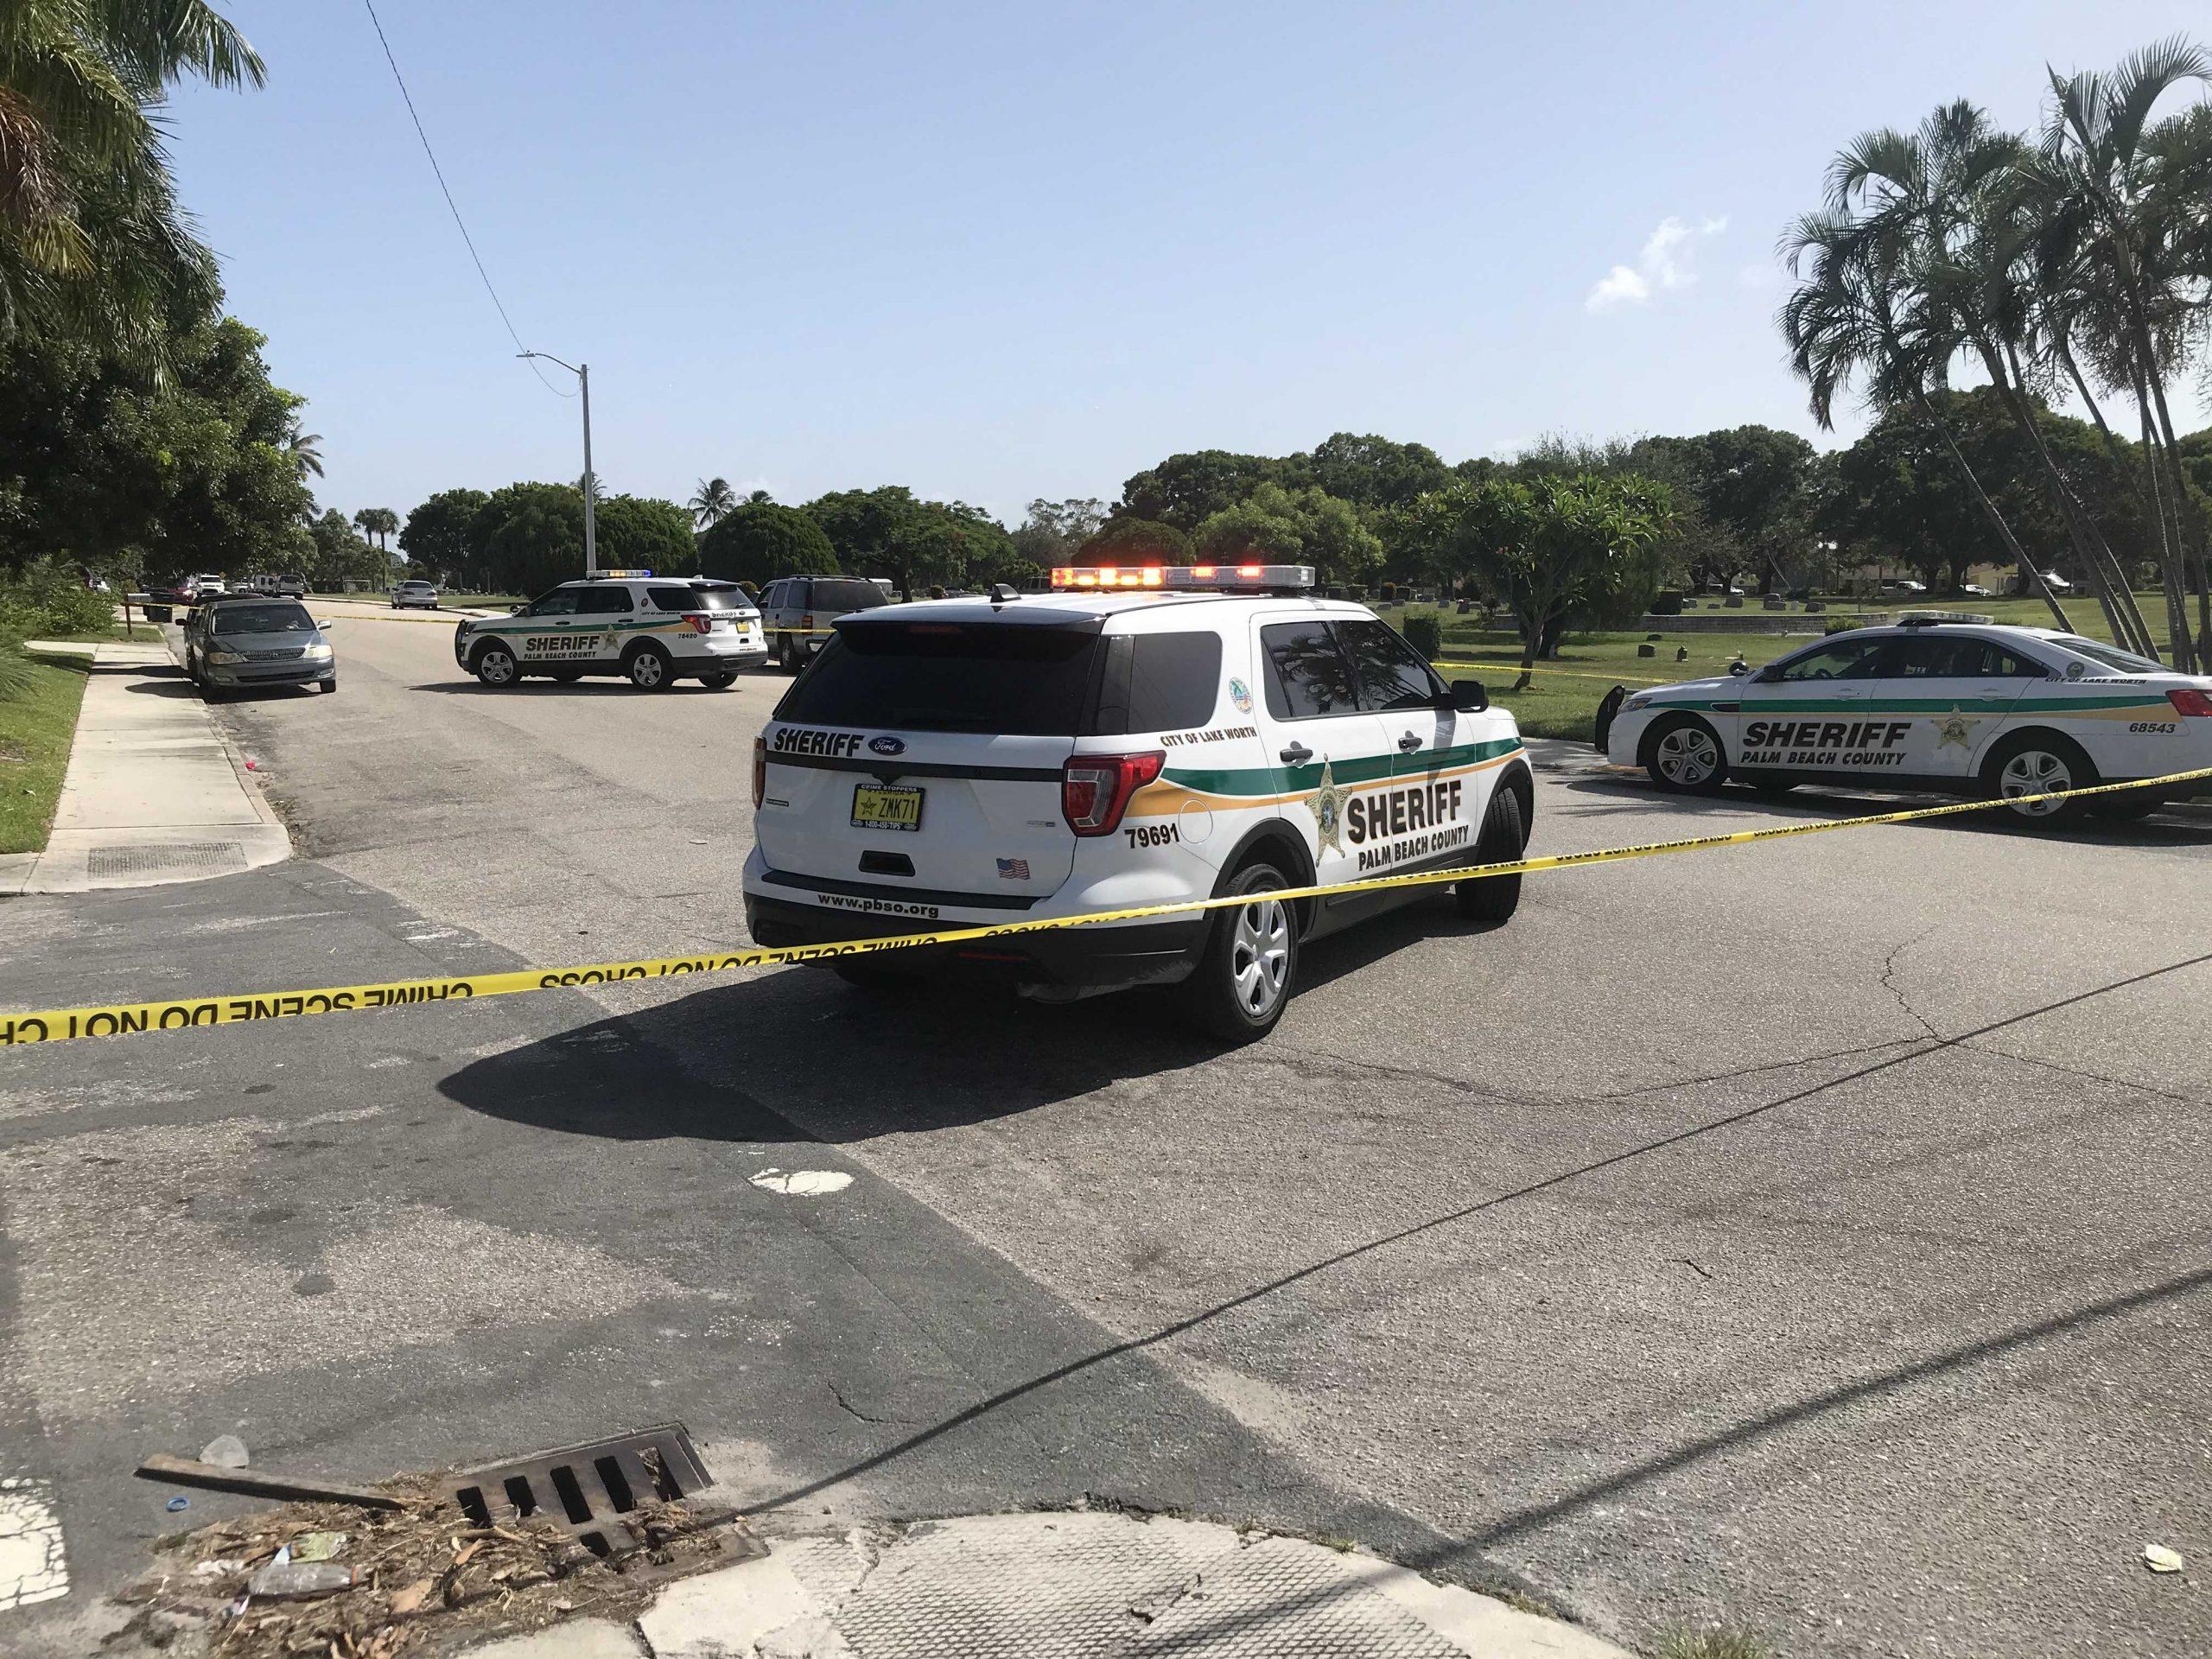 PBSO investigating shooting involving 3-year-old